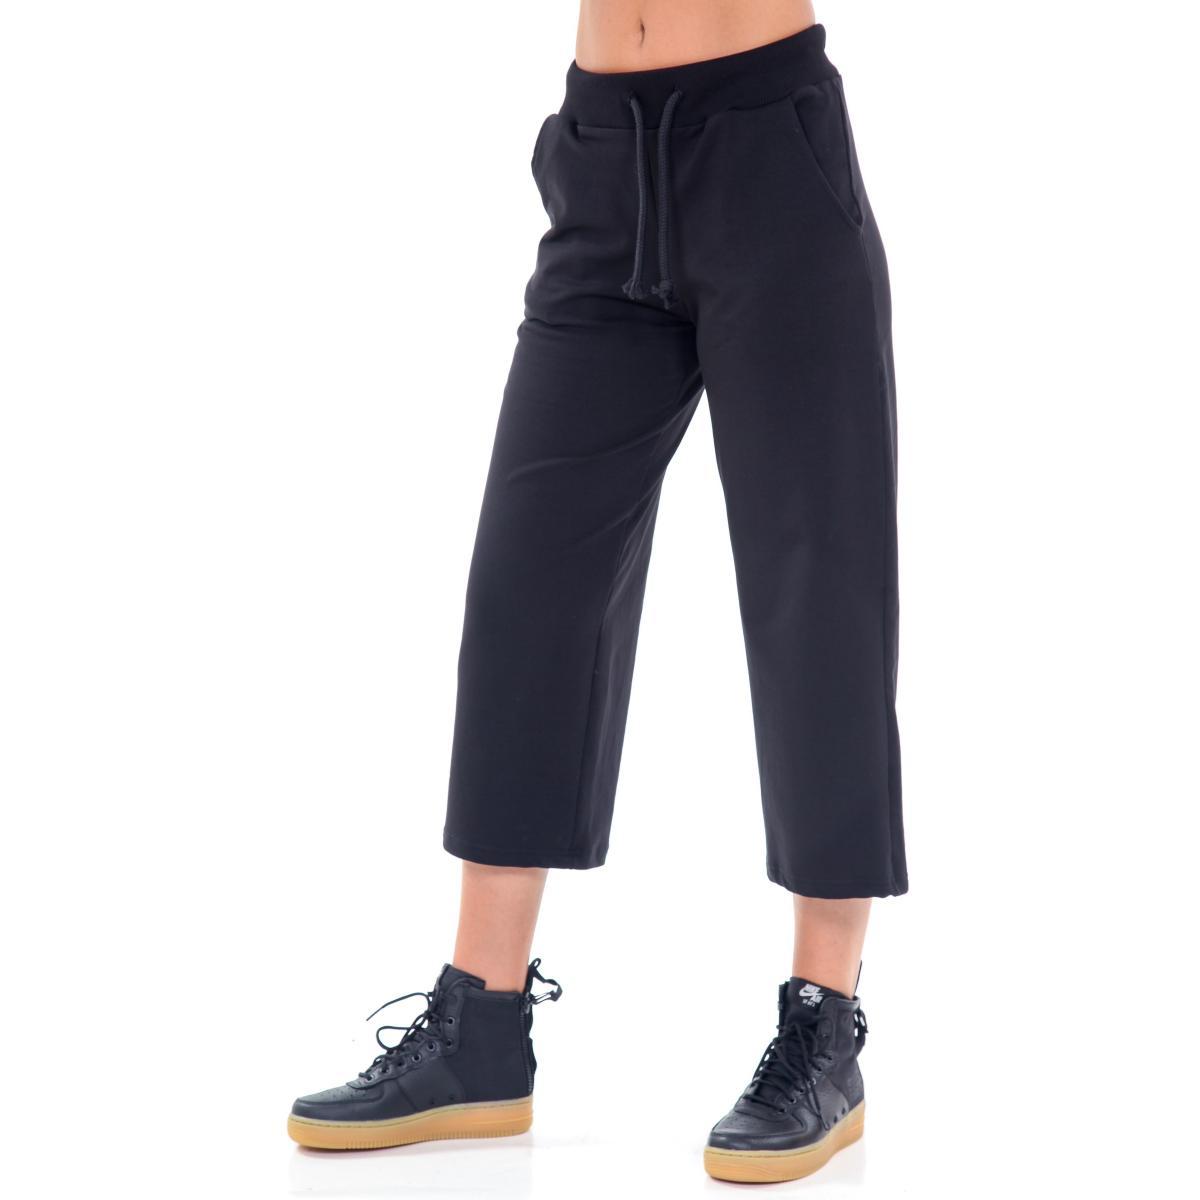 """Pantaloni tuta a 3/4 """"Vetements"""" con laccio in vita e tasca posteriore da donna Rif. V087 www.montorostore.it"""